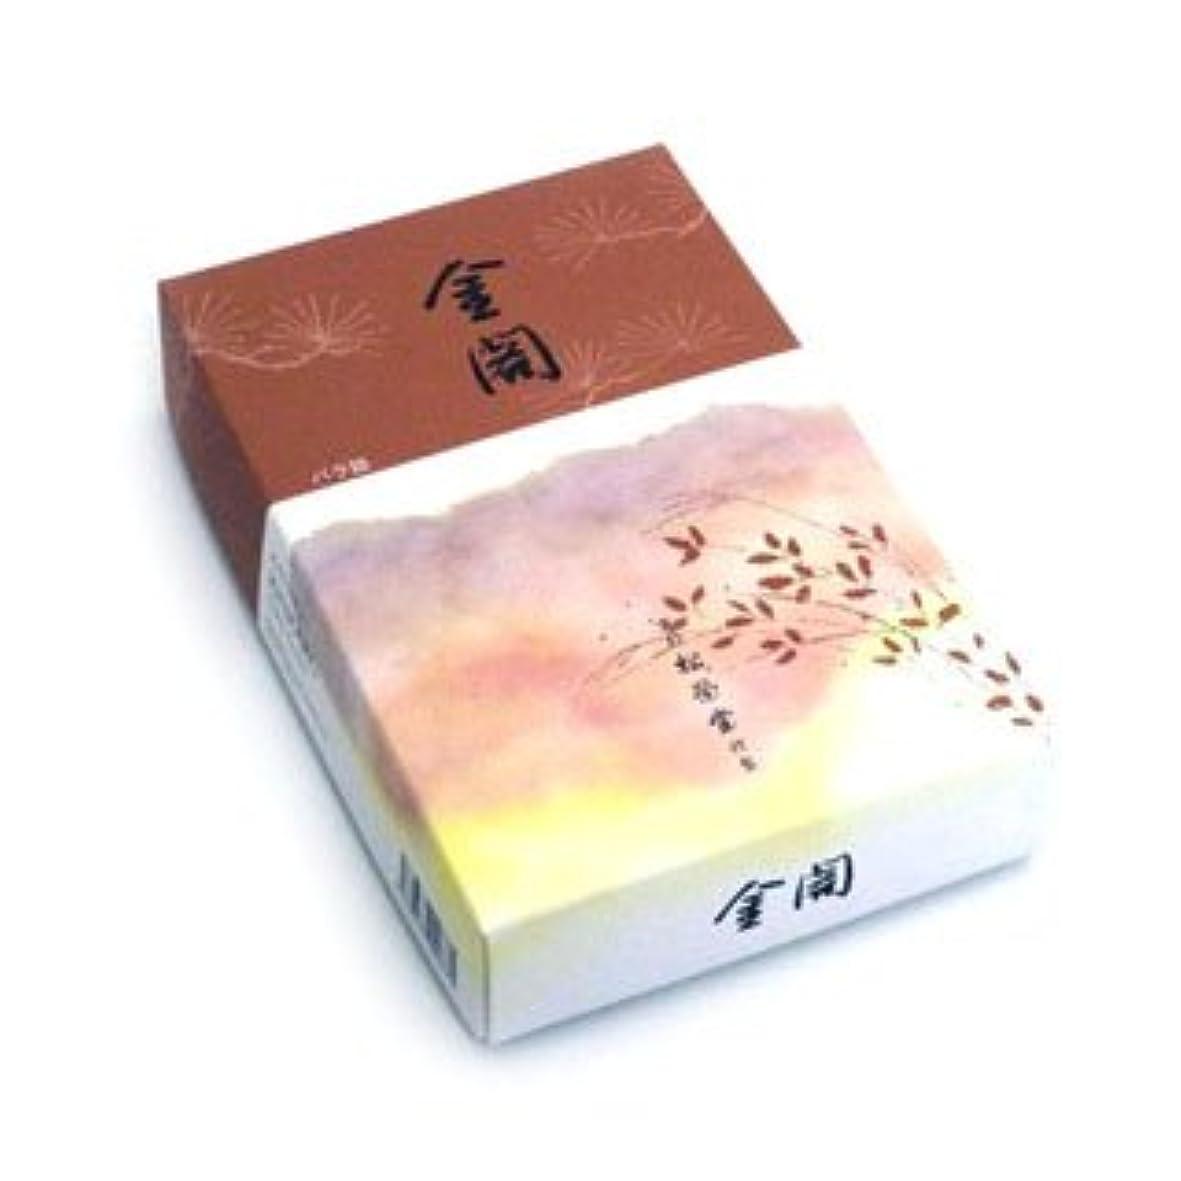 決定する大コミュニケーションShoyeido's Golden Pavilion Incense 450 Sticks - Kin-kaku, New.